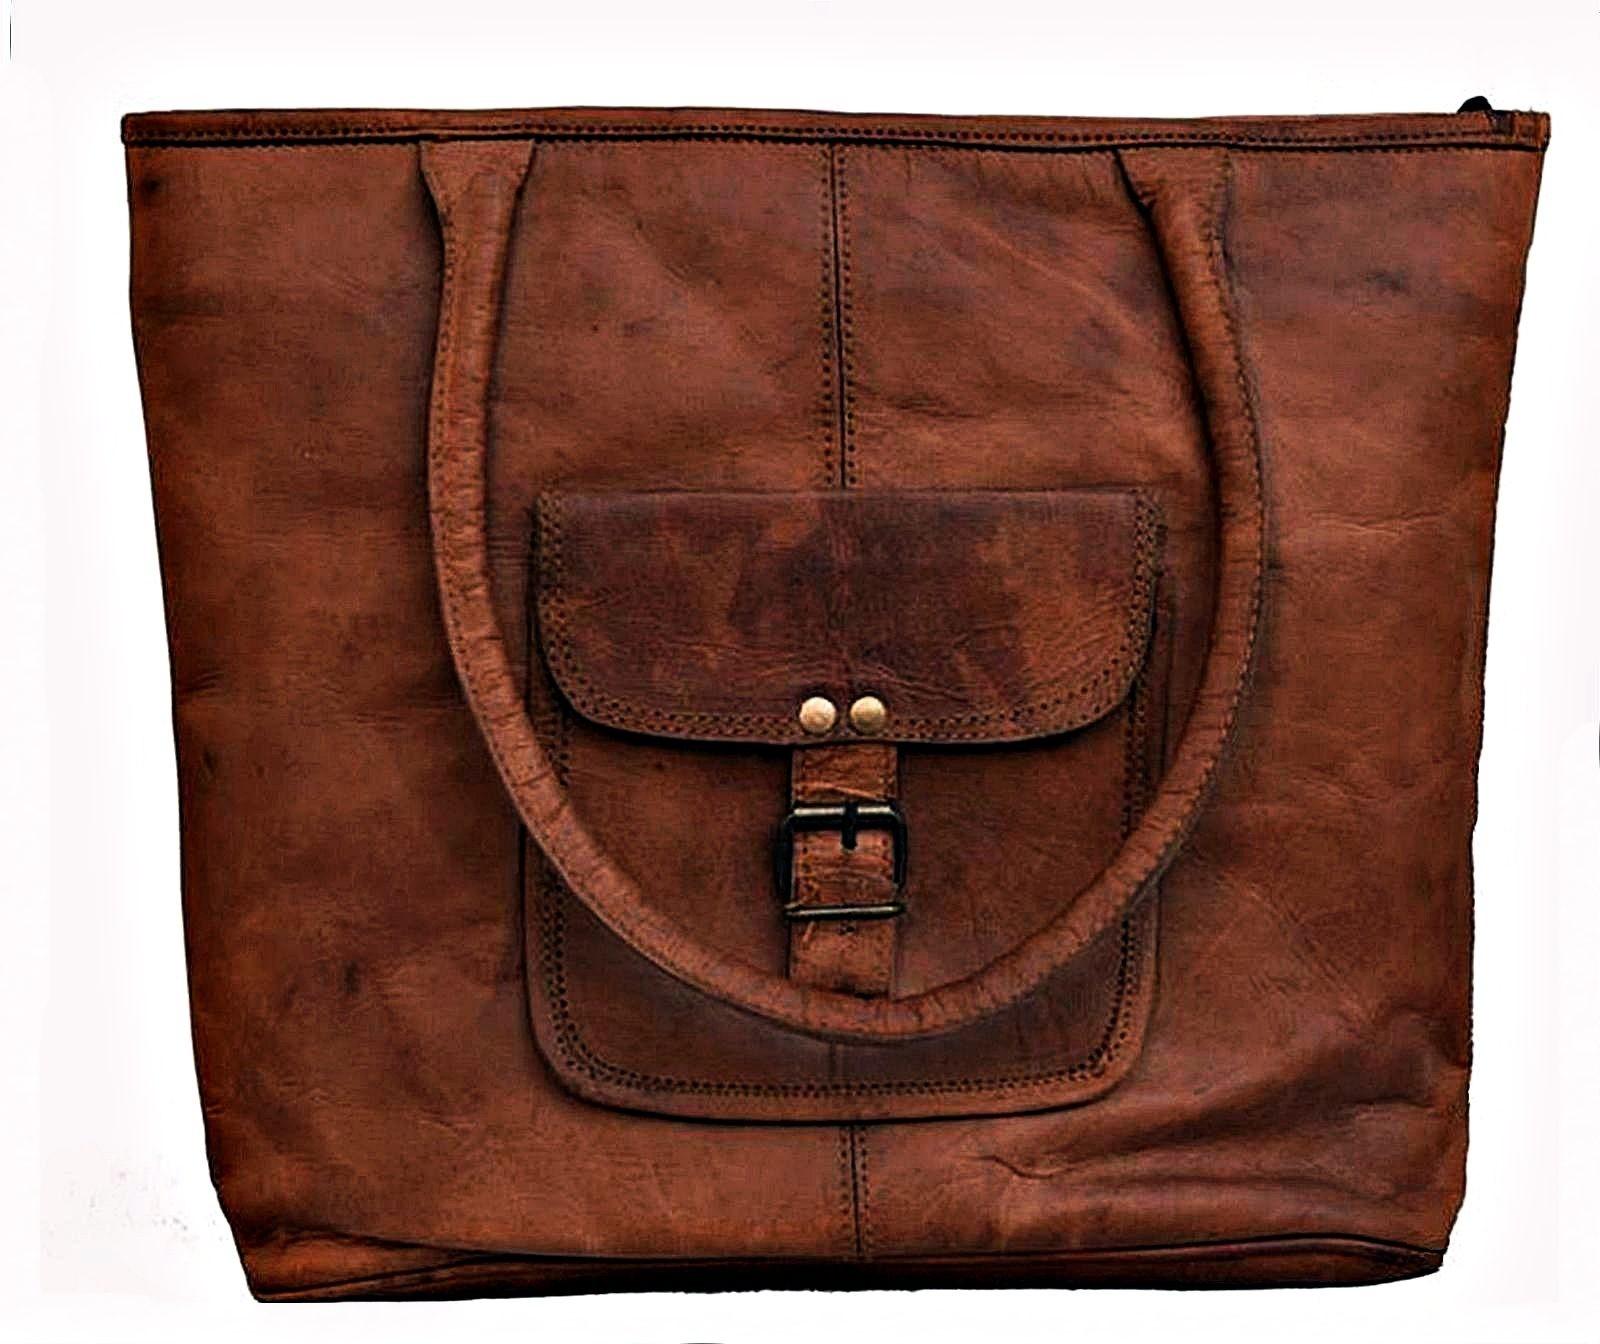 3f24c9af24191 ☆ TD08 Skórzana torebka damska na ramię shopperka. Skóra naturalna ...